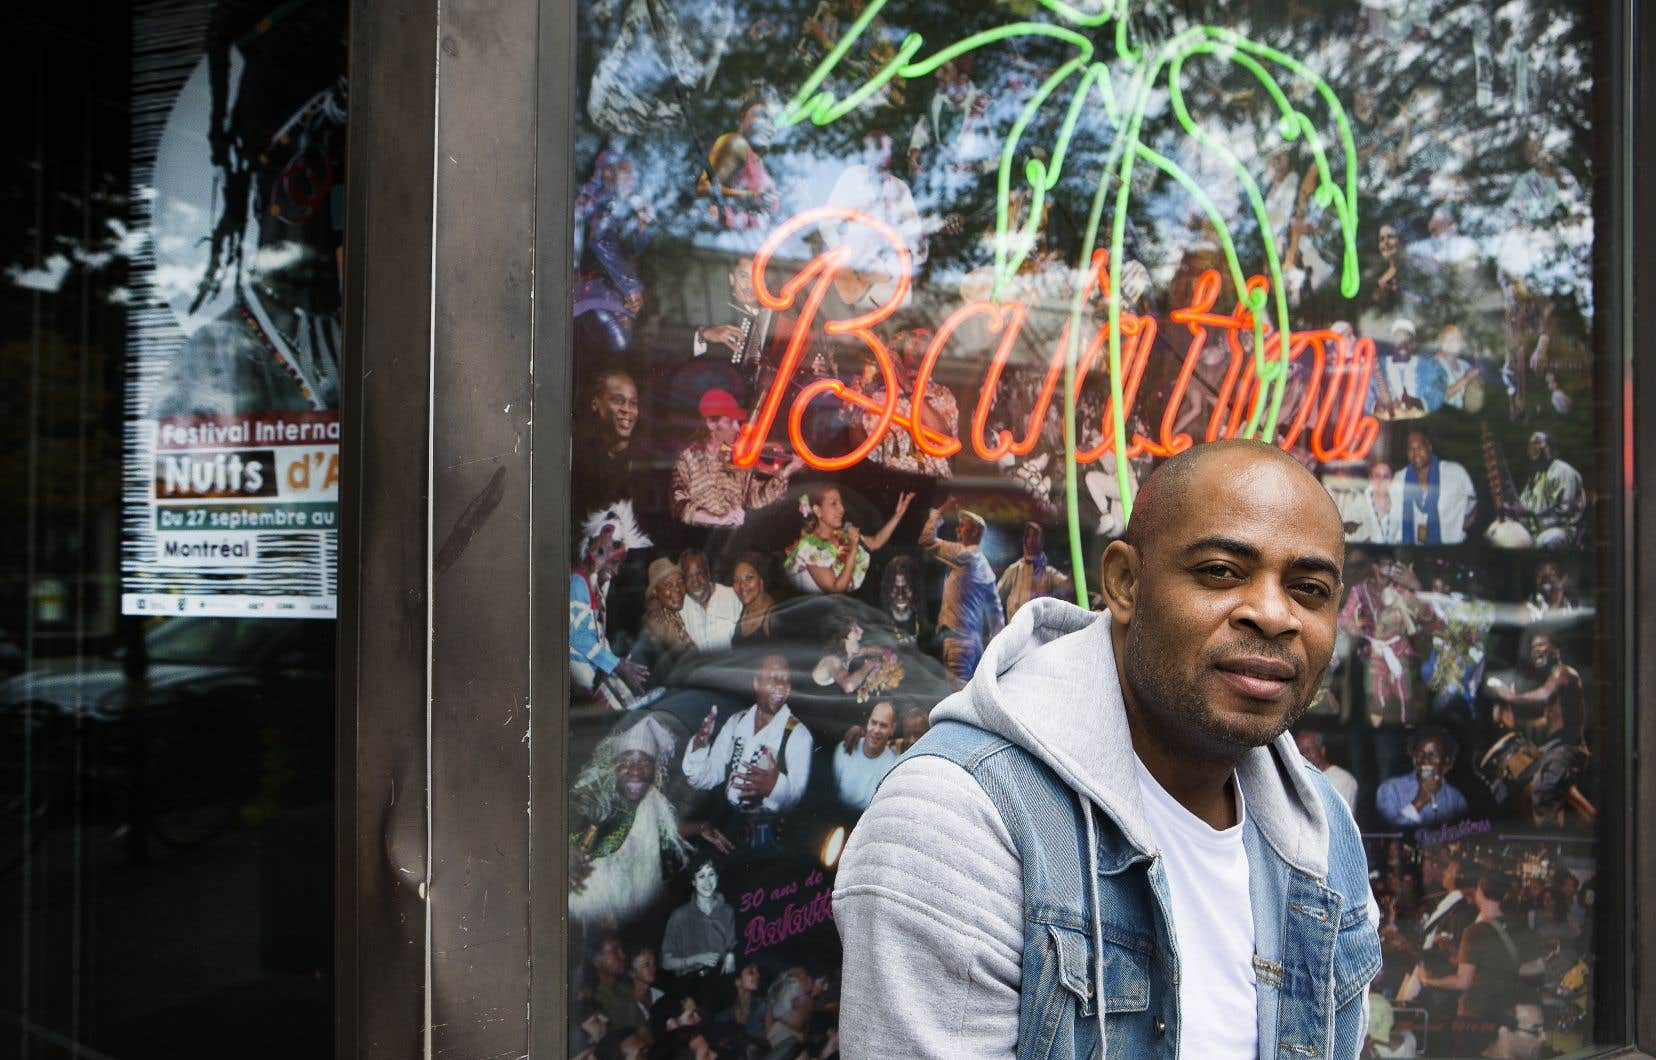 Les troubles politiques qui ont fait rage au Cameroun en 2017 ont incité le musicien Oluwa Banjo à s'installer à Montréal.